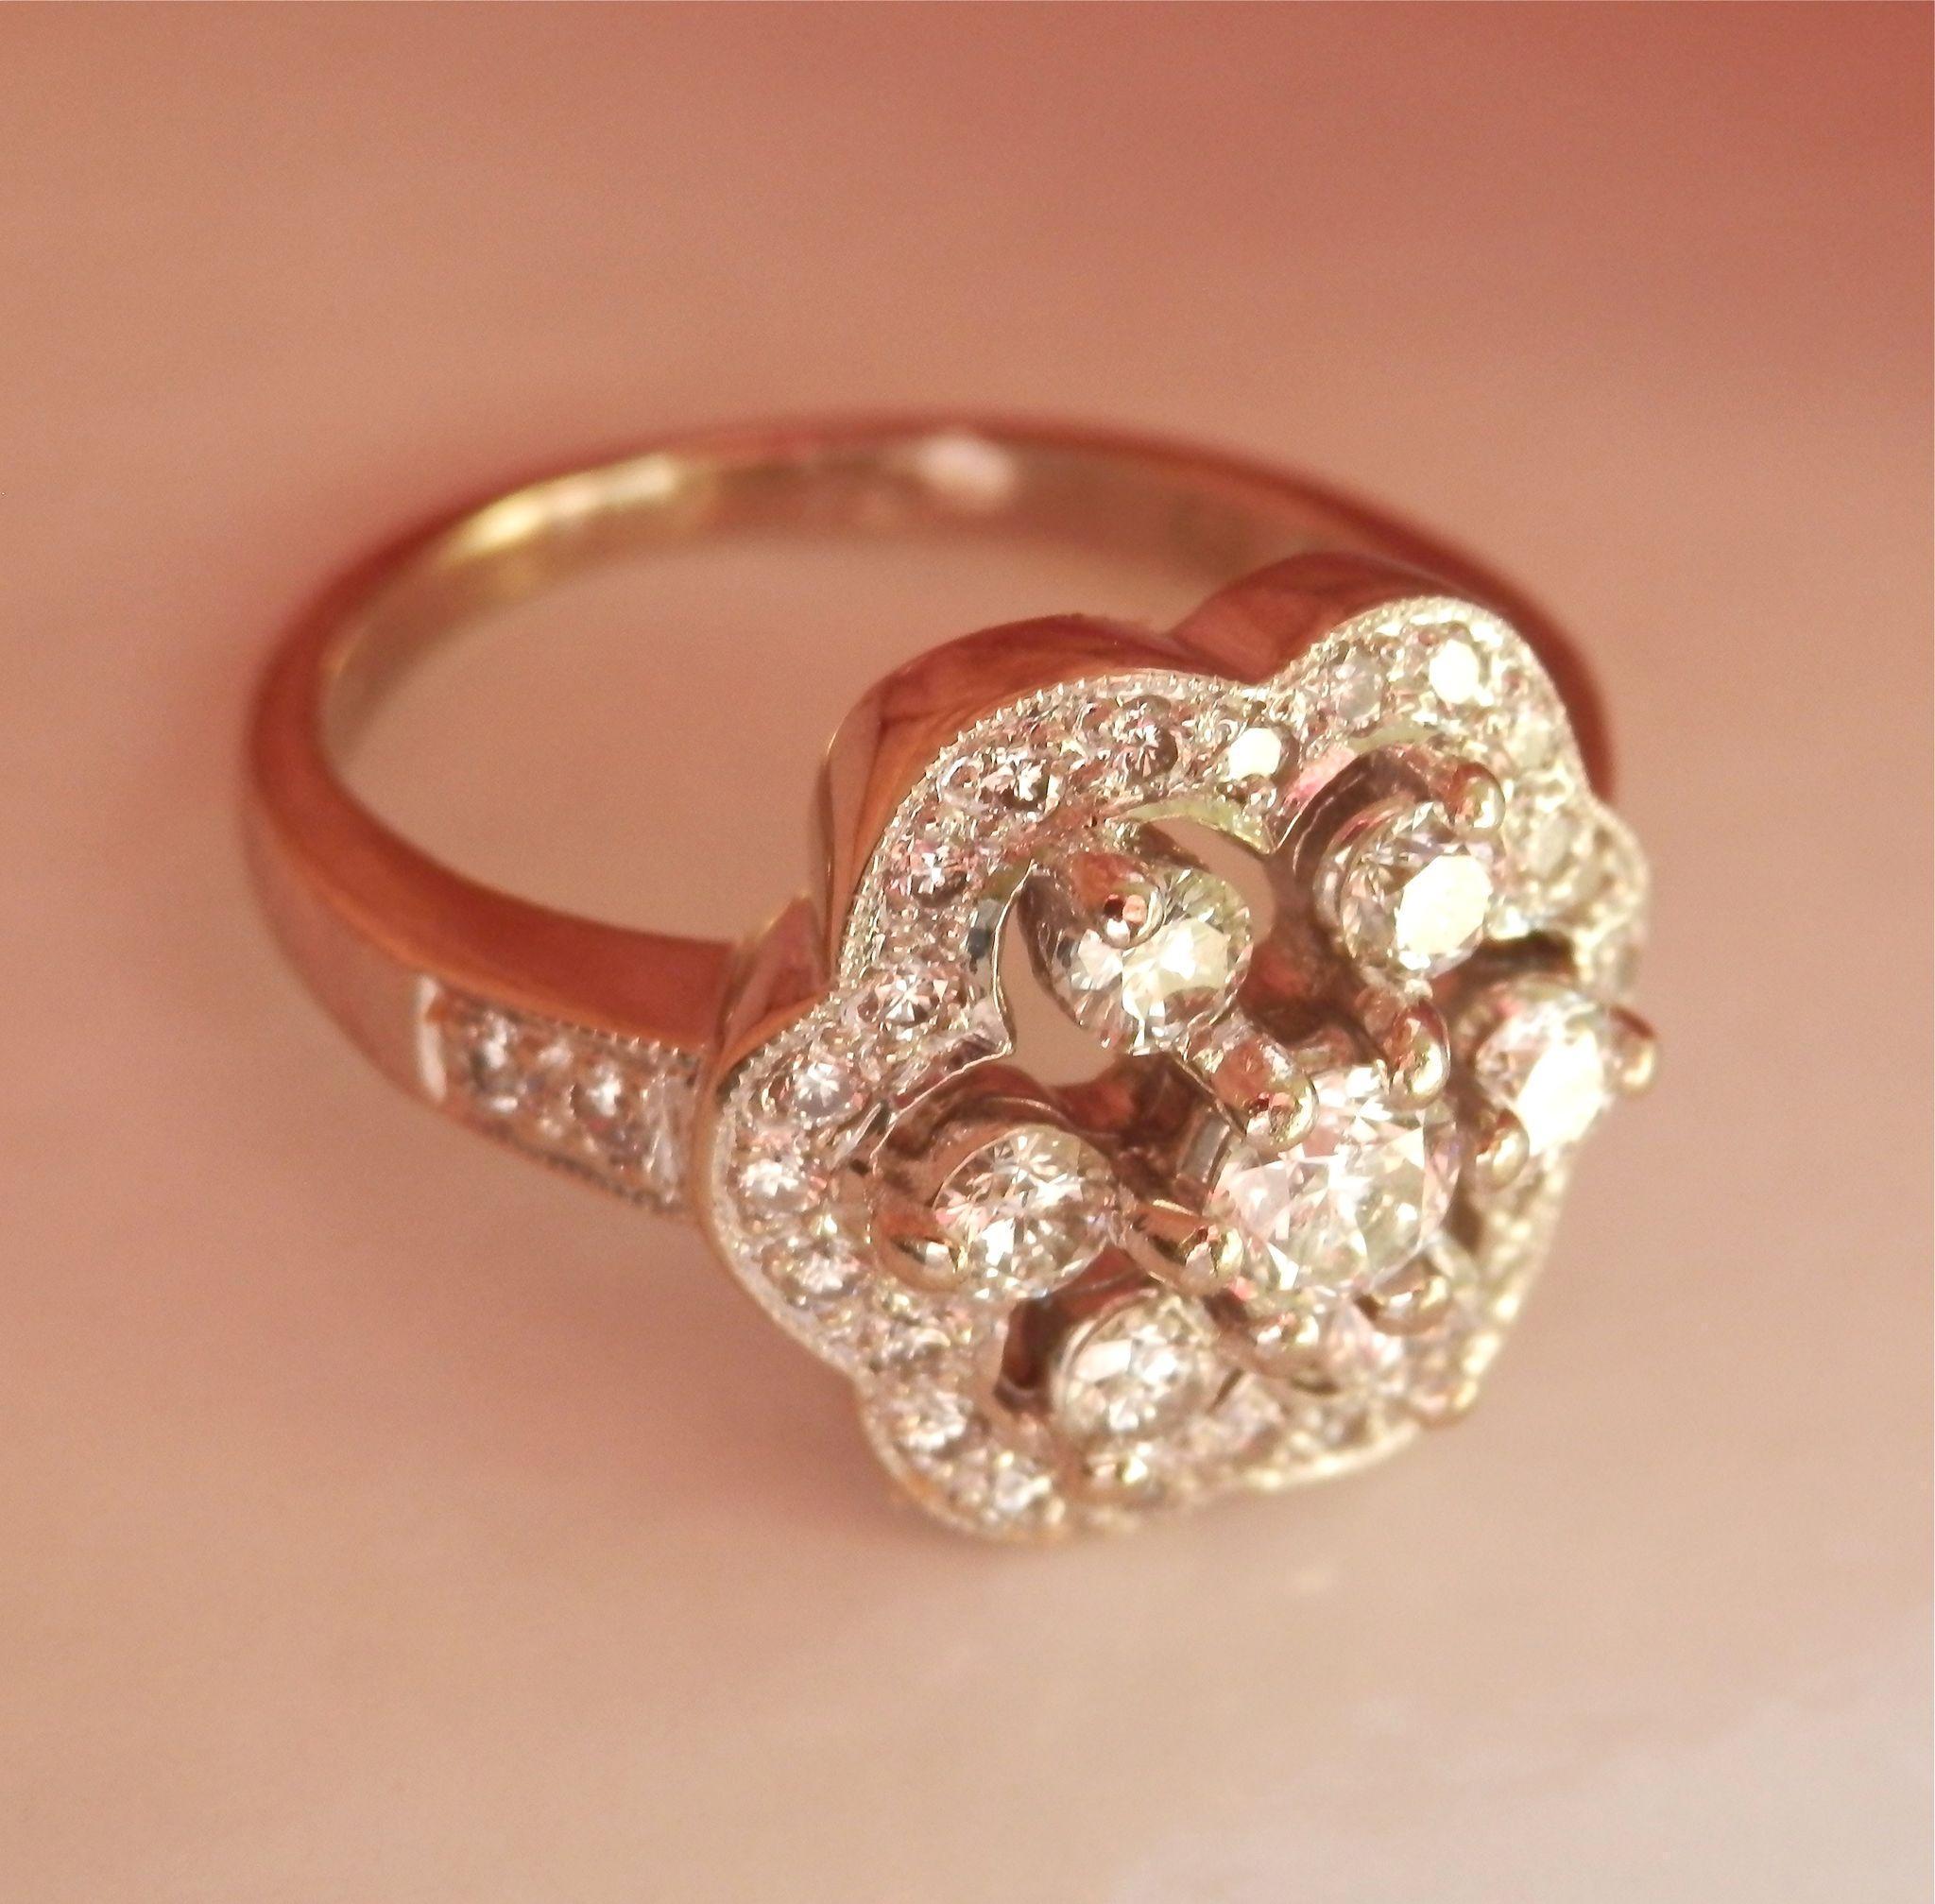 Fabulous Leslie Greene 18K W/Gold 0.86 Ct. Diamond Ring